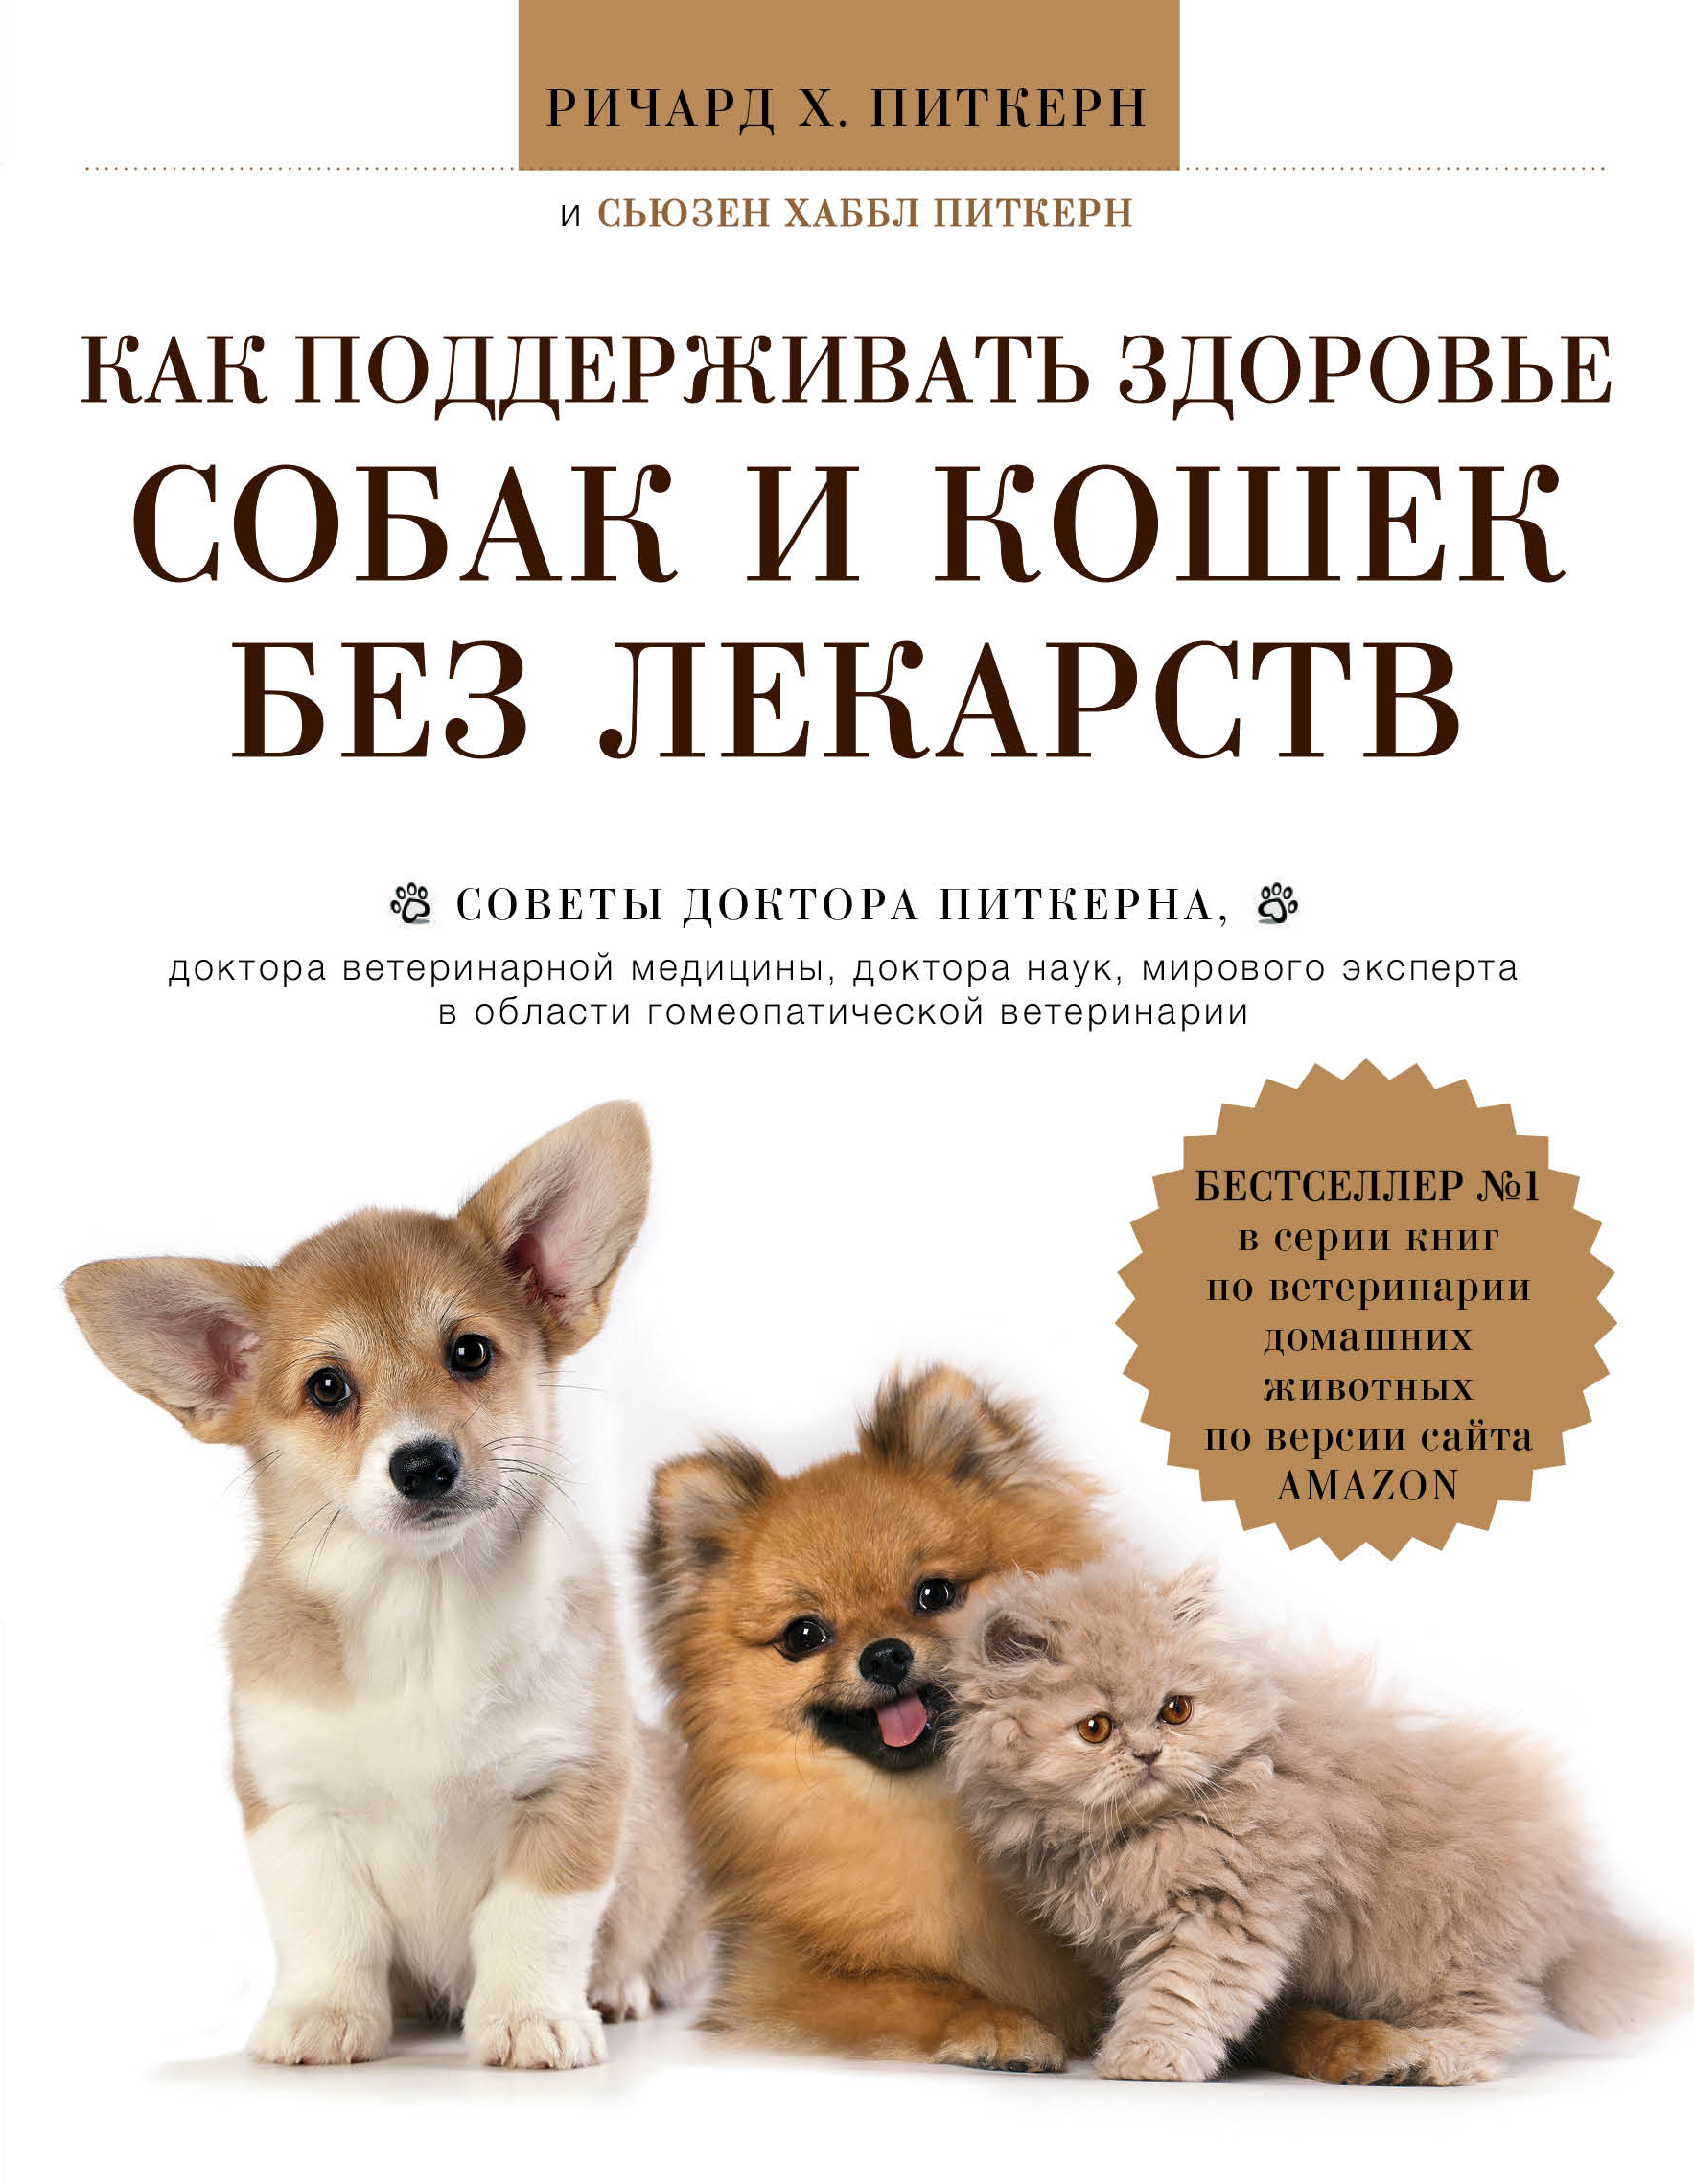 Питкерн Р., Питкерн С. Как поддерживать здоровье собак и кошек без лекарств ляпко мои аппликаторы здоровье без лекарств